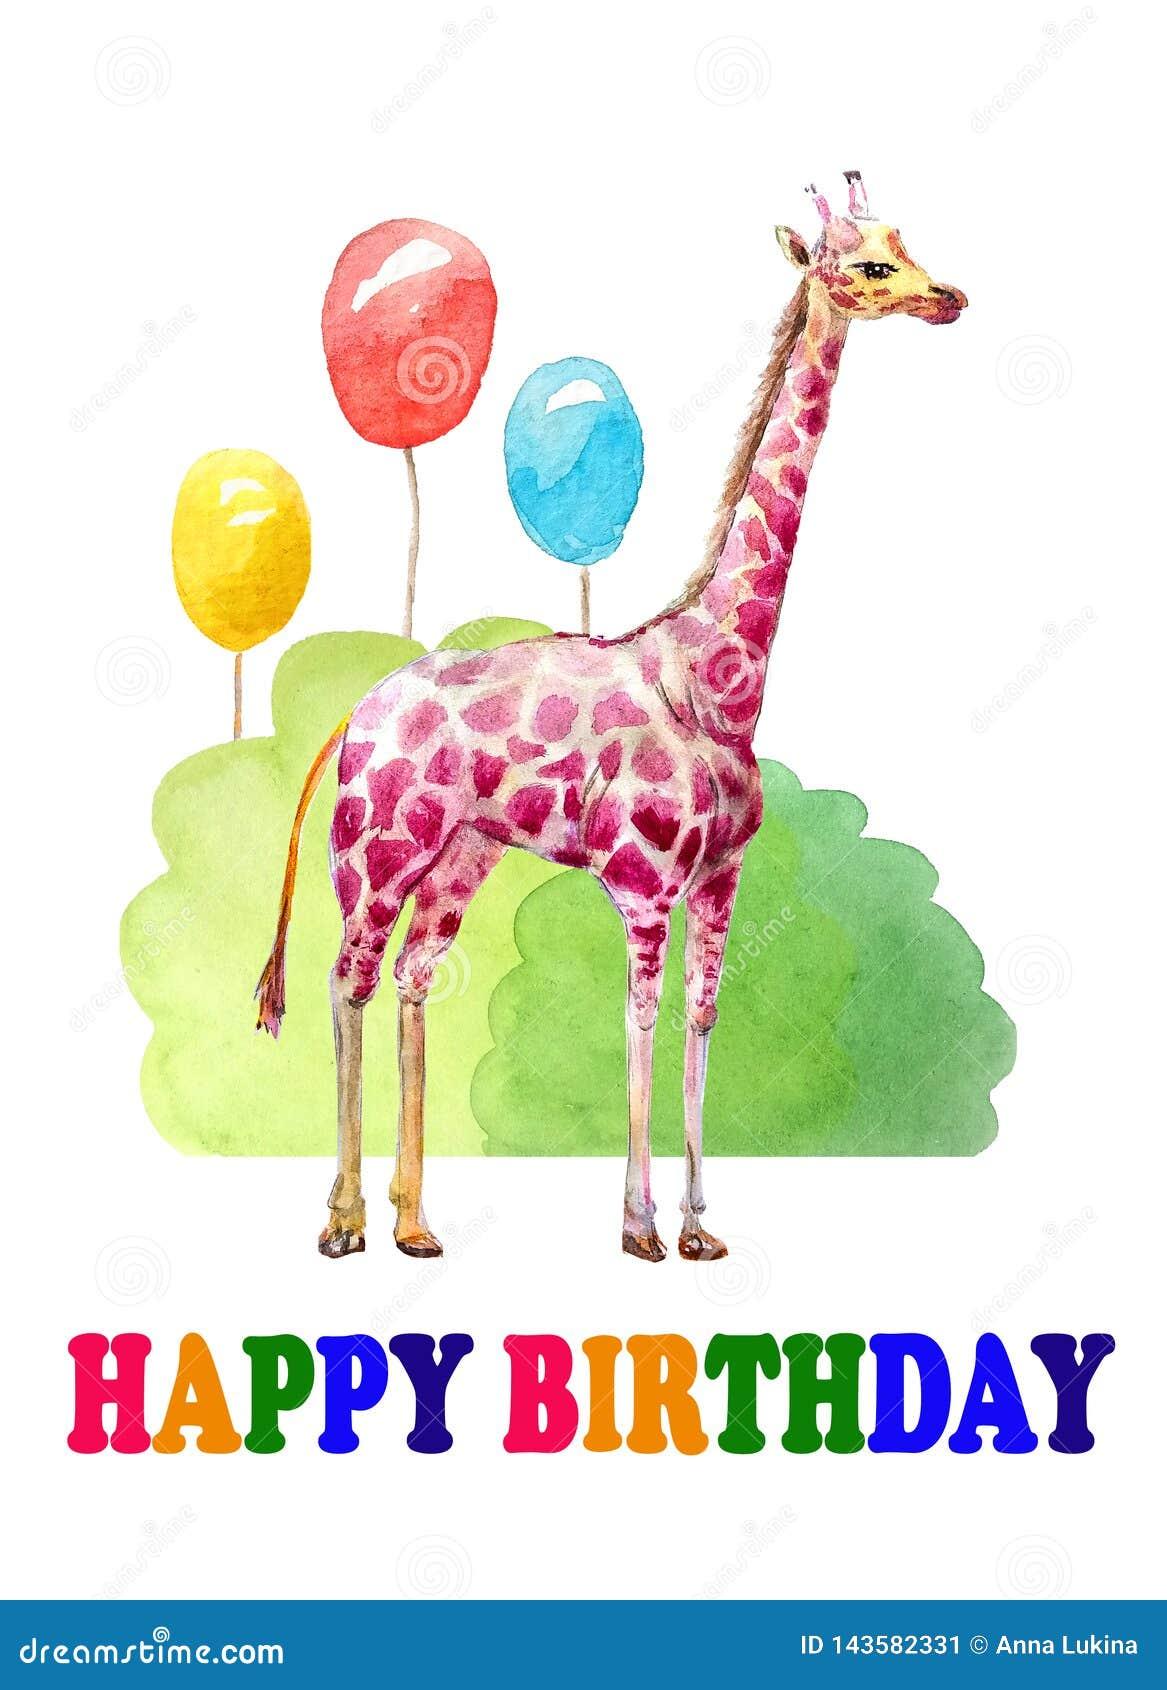 Alles Gute zum Geburtstag Farbgiraffenglückwünsche am Feiertag Drei bunte Bälle, Büsche watercolor